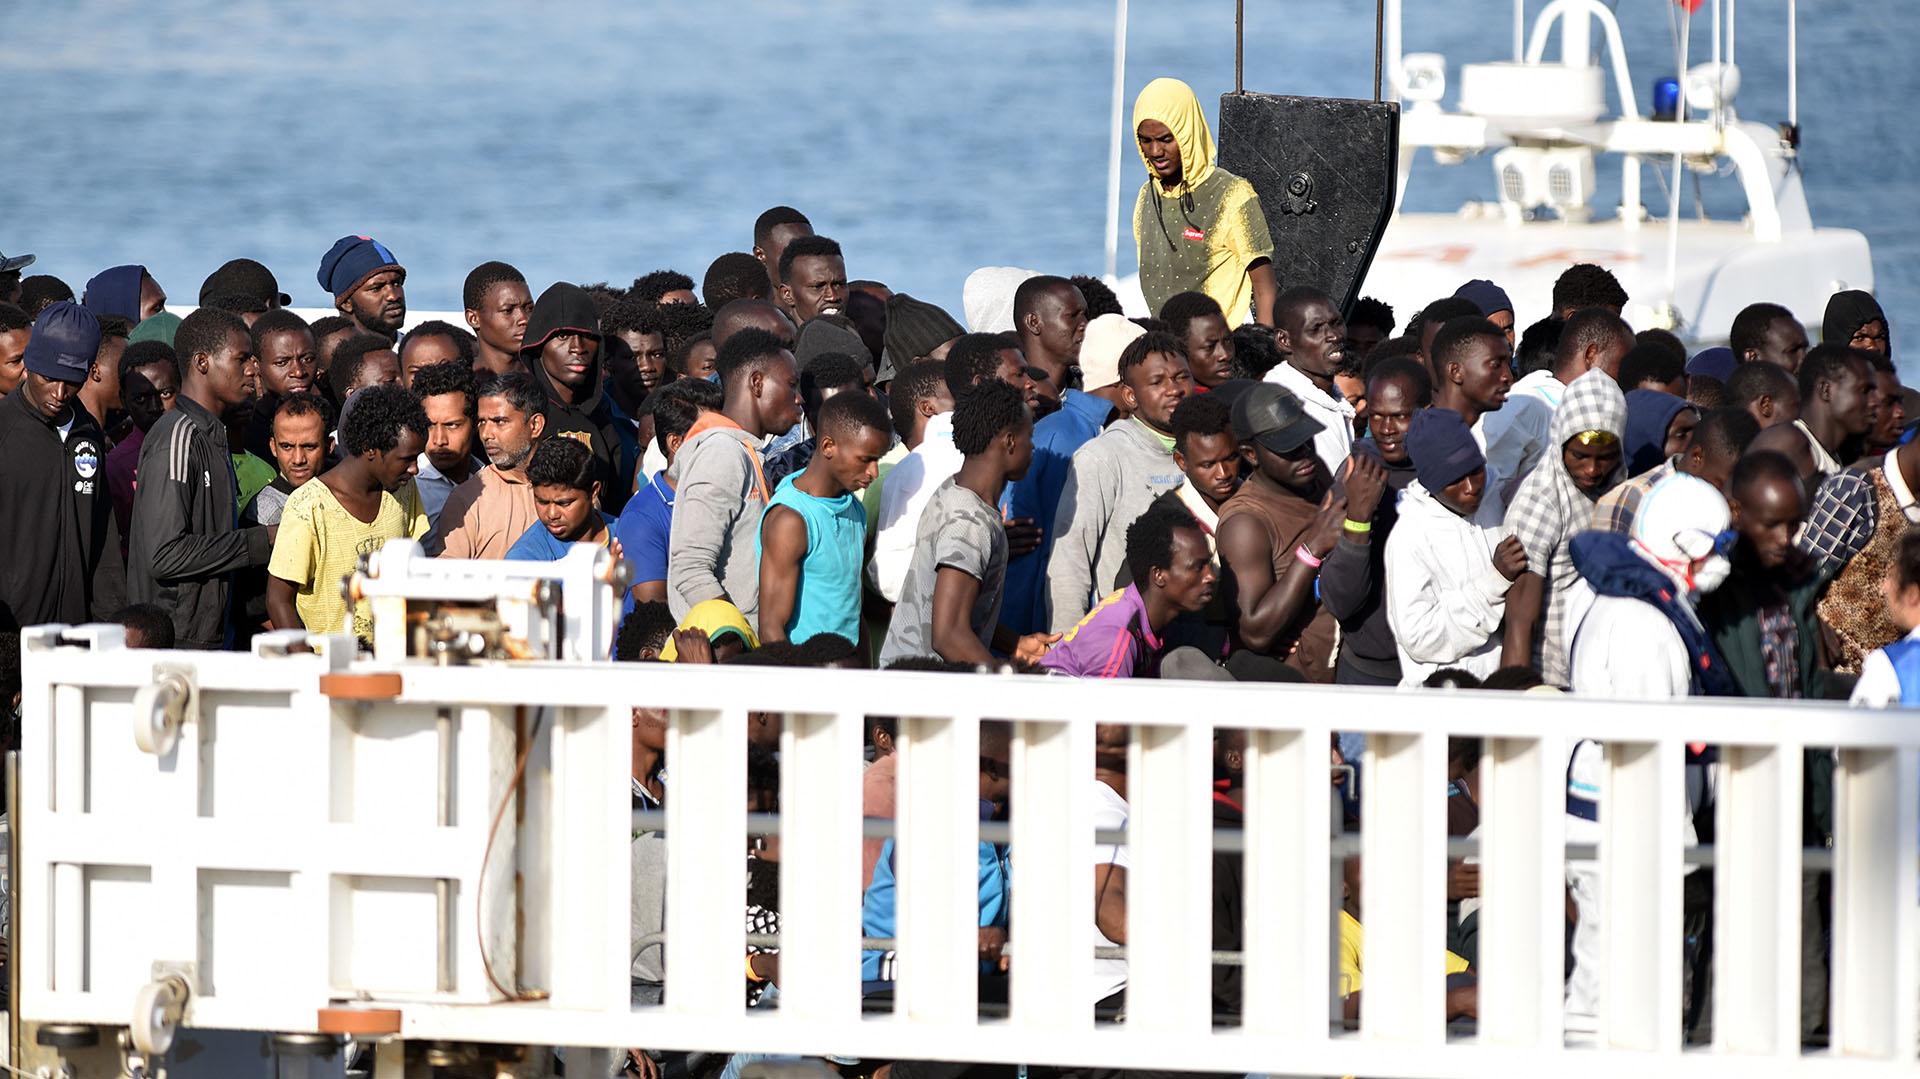 La migración ha aumentado en las últimas décadas (AFP)